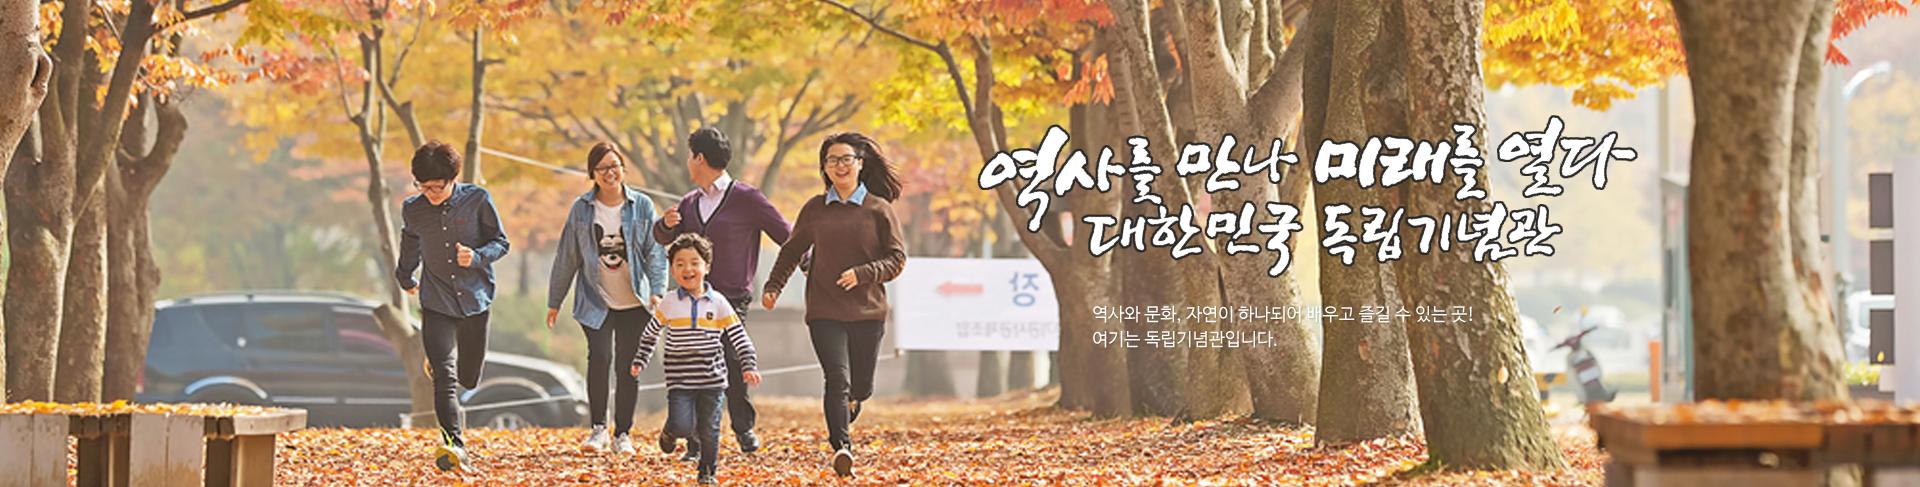 은행나무 아이들 역사를 만나 미래를 열다 대한민국 독립기념관